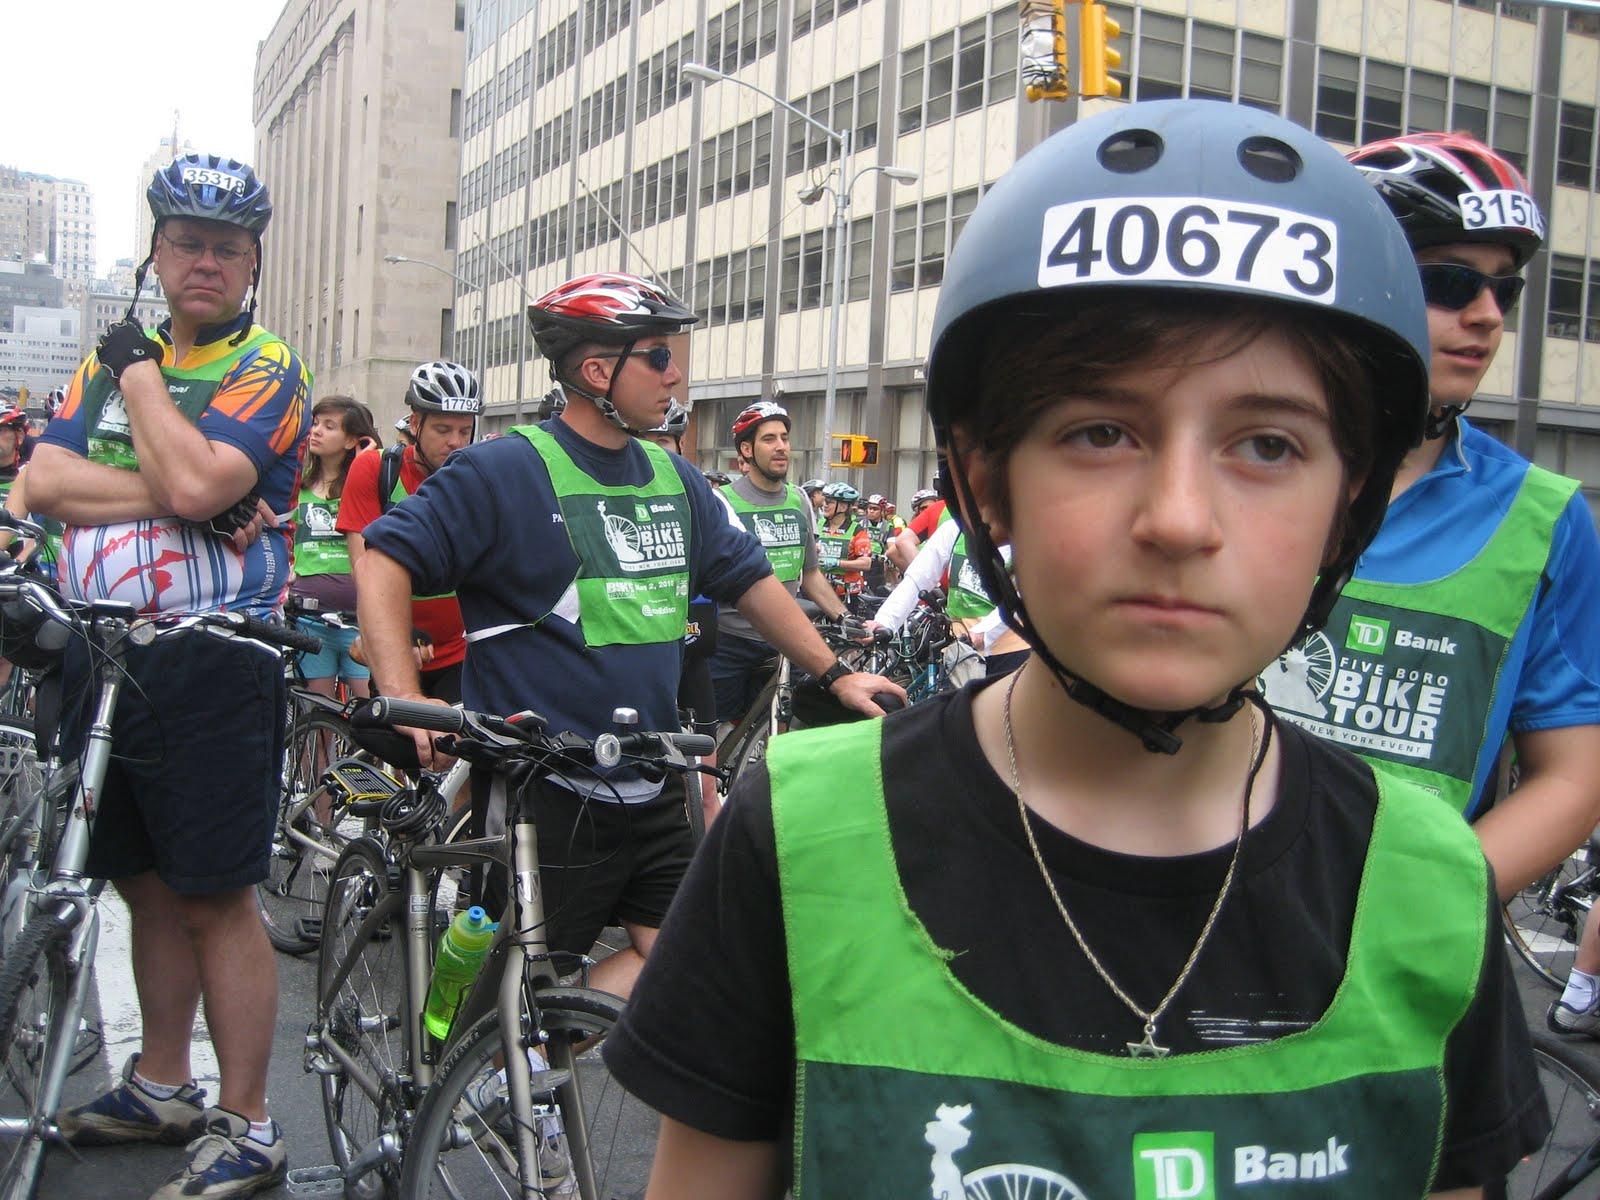 Borough Bike Tour End Time